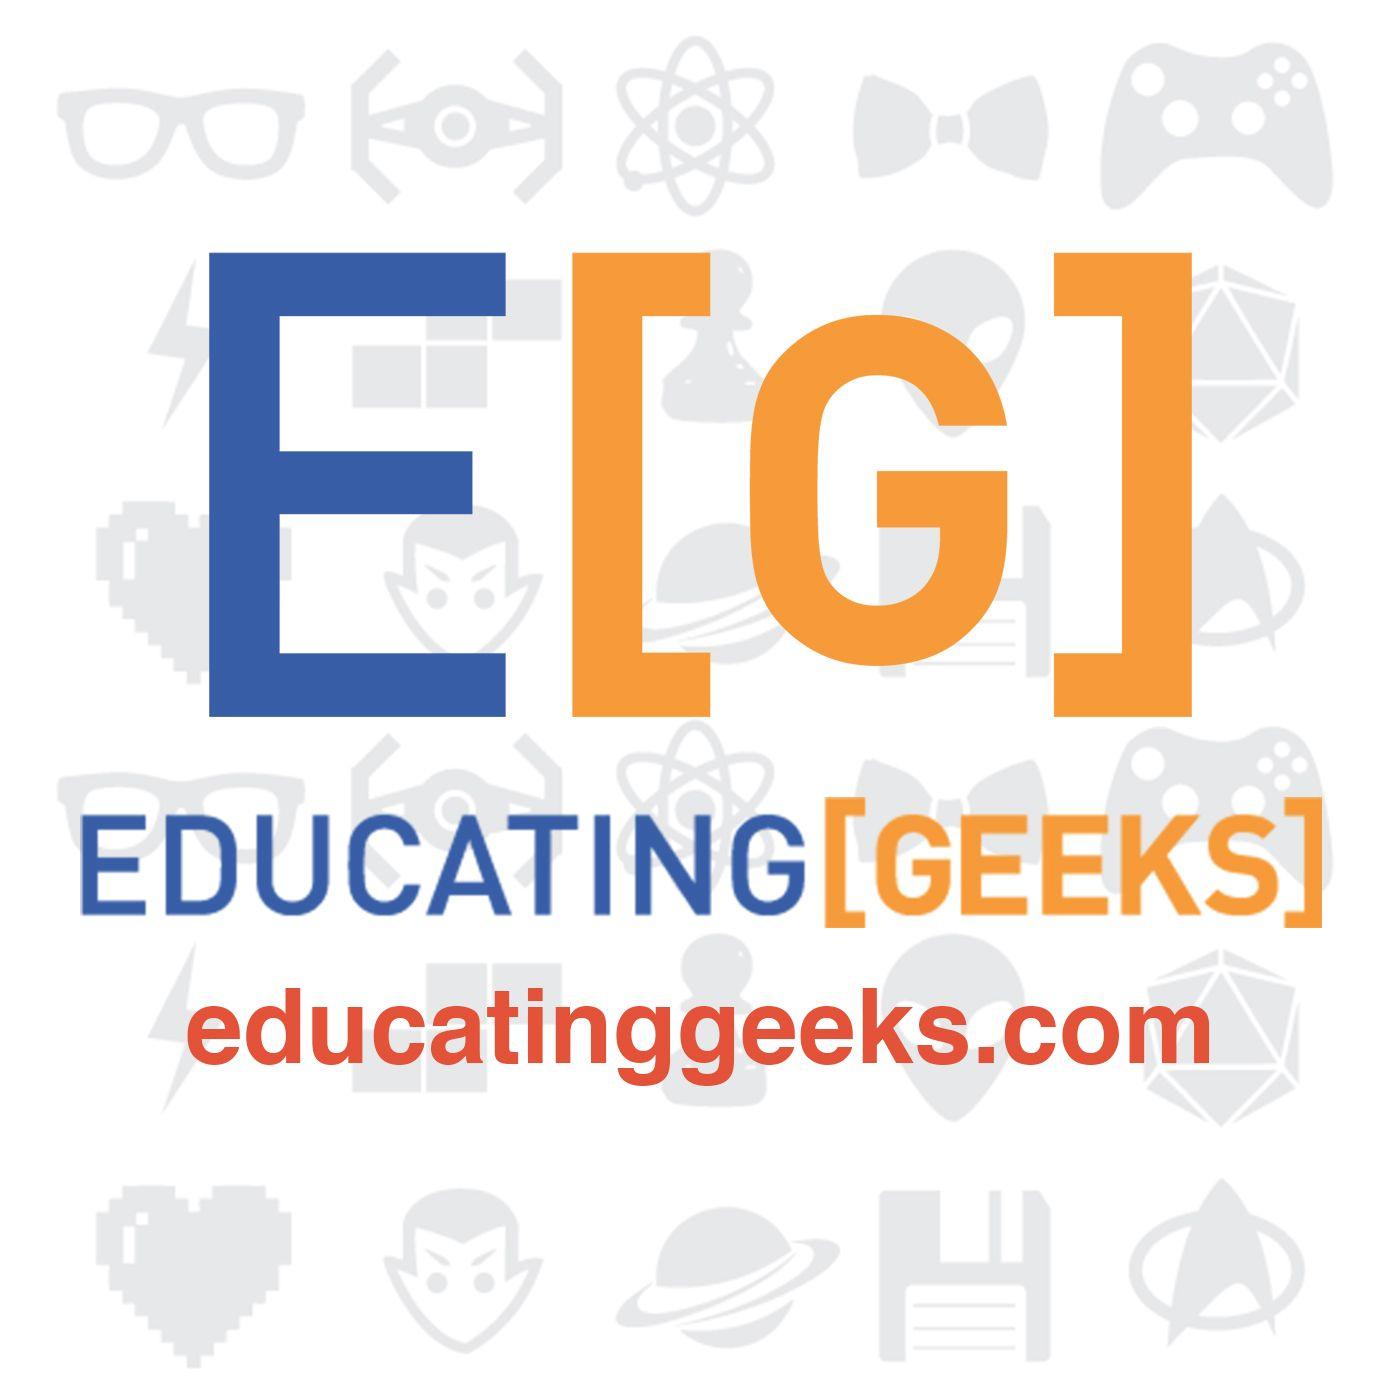 Educating Geeks